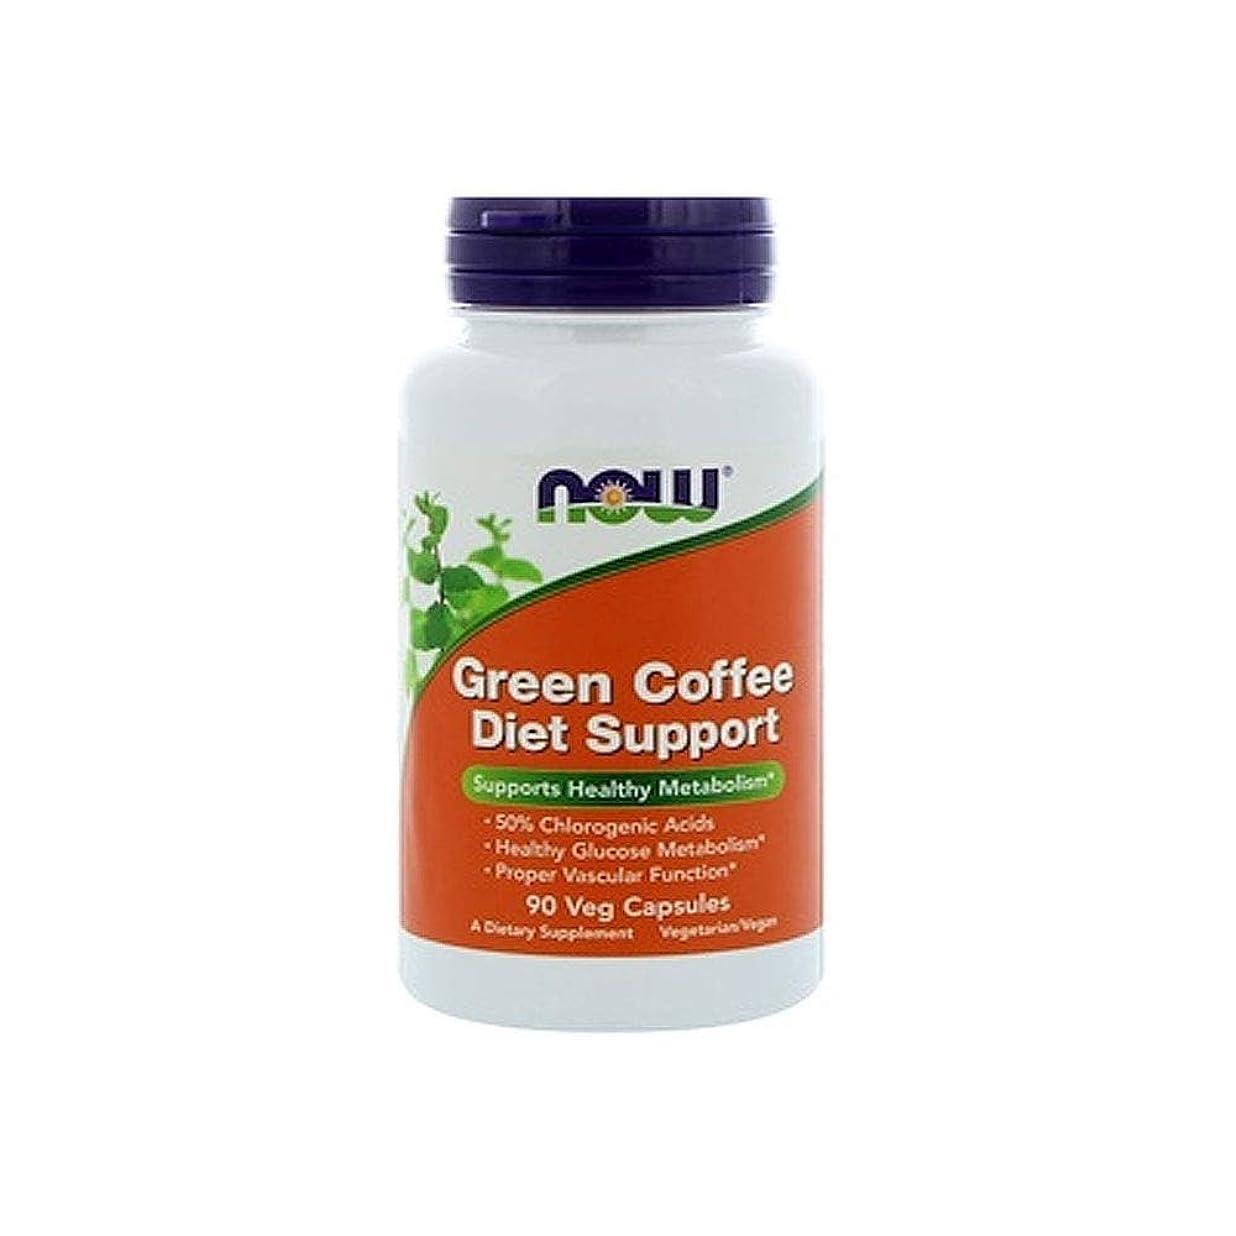 最初に電圧感性[海外直送品] ナウフーズ グリーンコーヒー ダイエットサポート(クロロゲン酸含有) 90粒